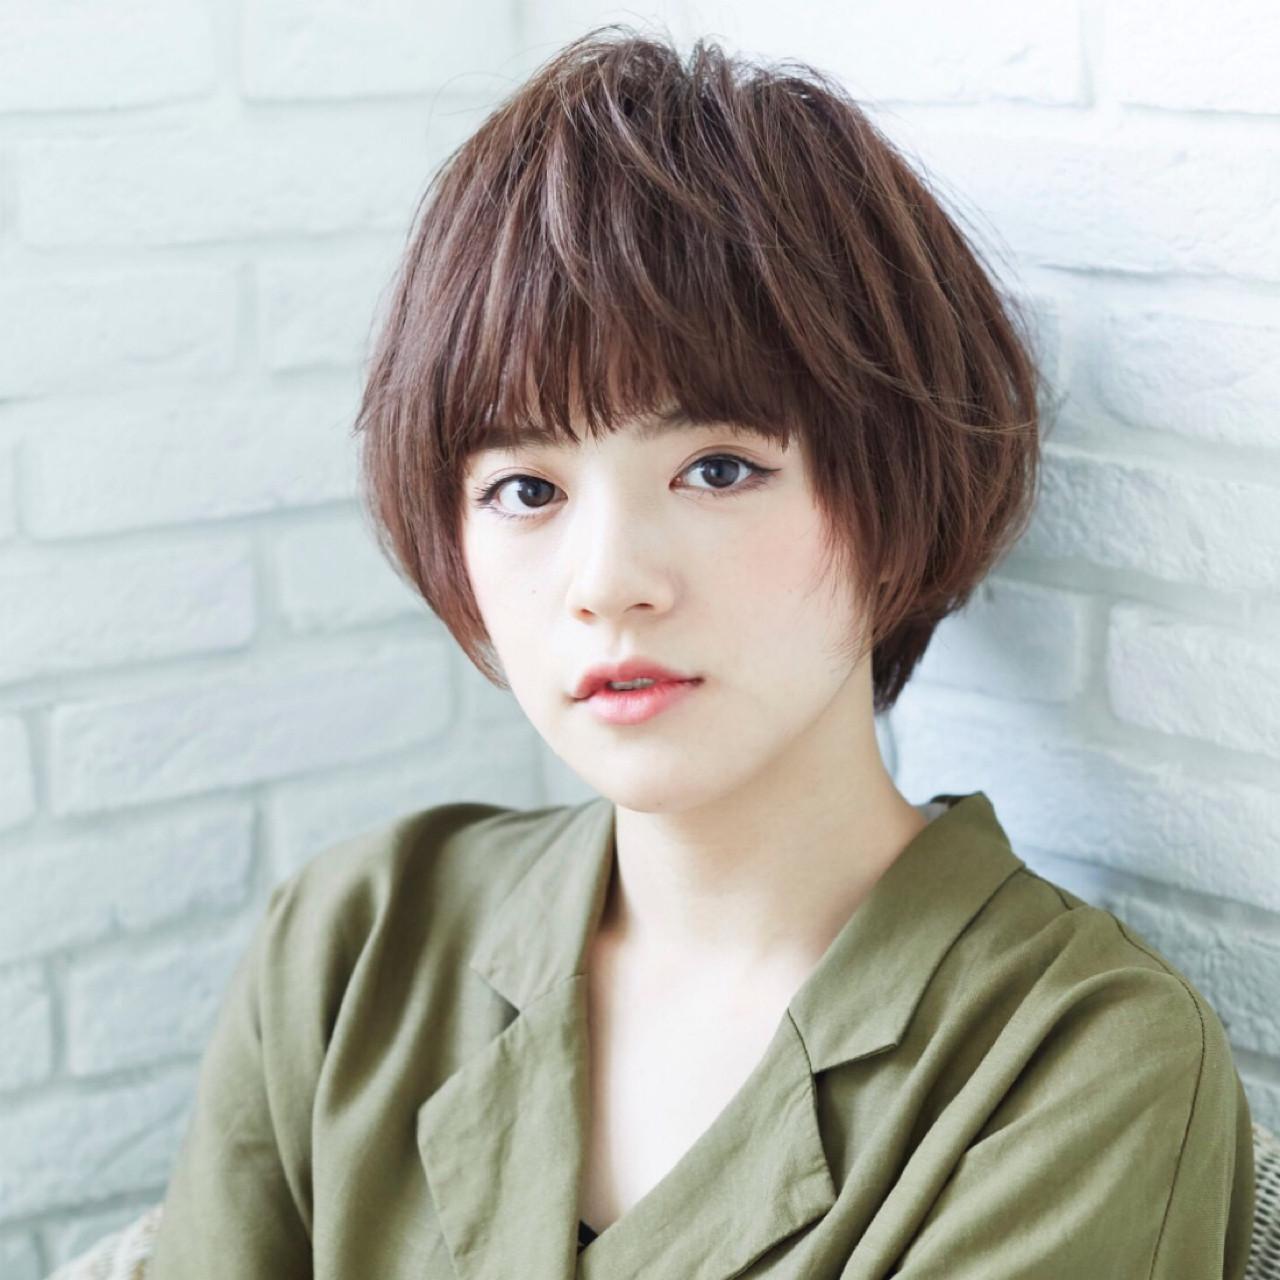 大人かわいい 前髪あり ナチュラル ワイドバング ヘアスタイルや髪型の写真・画像 | 斉藤 弘旭 / Piche hair design